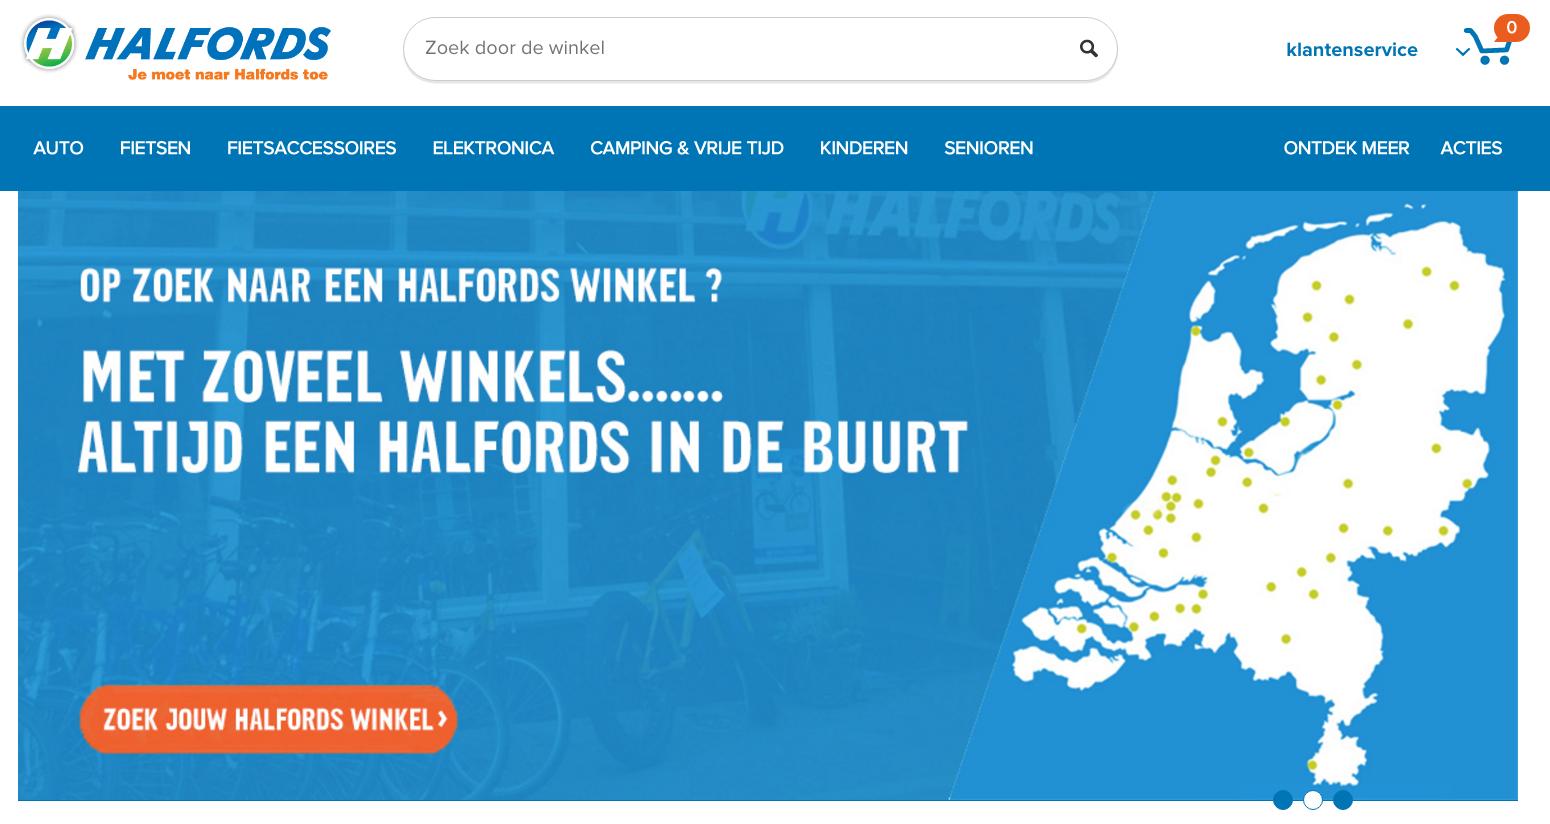 De header op de pagina van Halfords toont een kaart van Nederlad en verwijst naar de lokaties van winkels